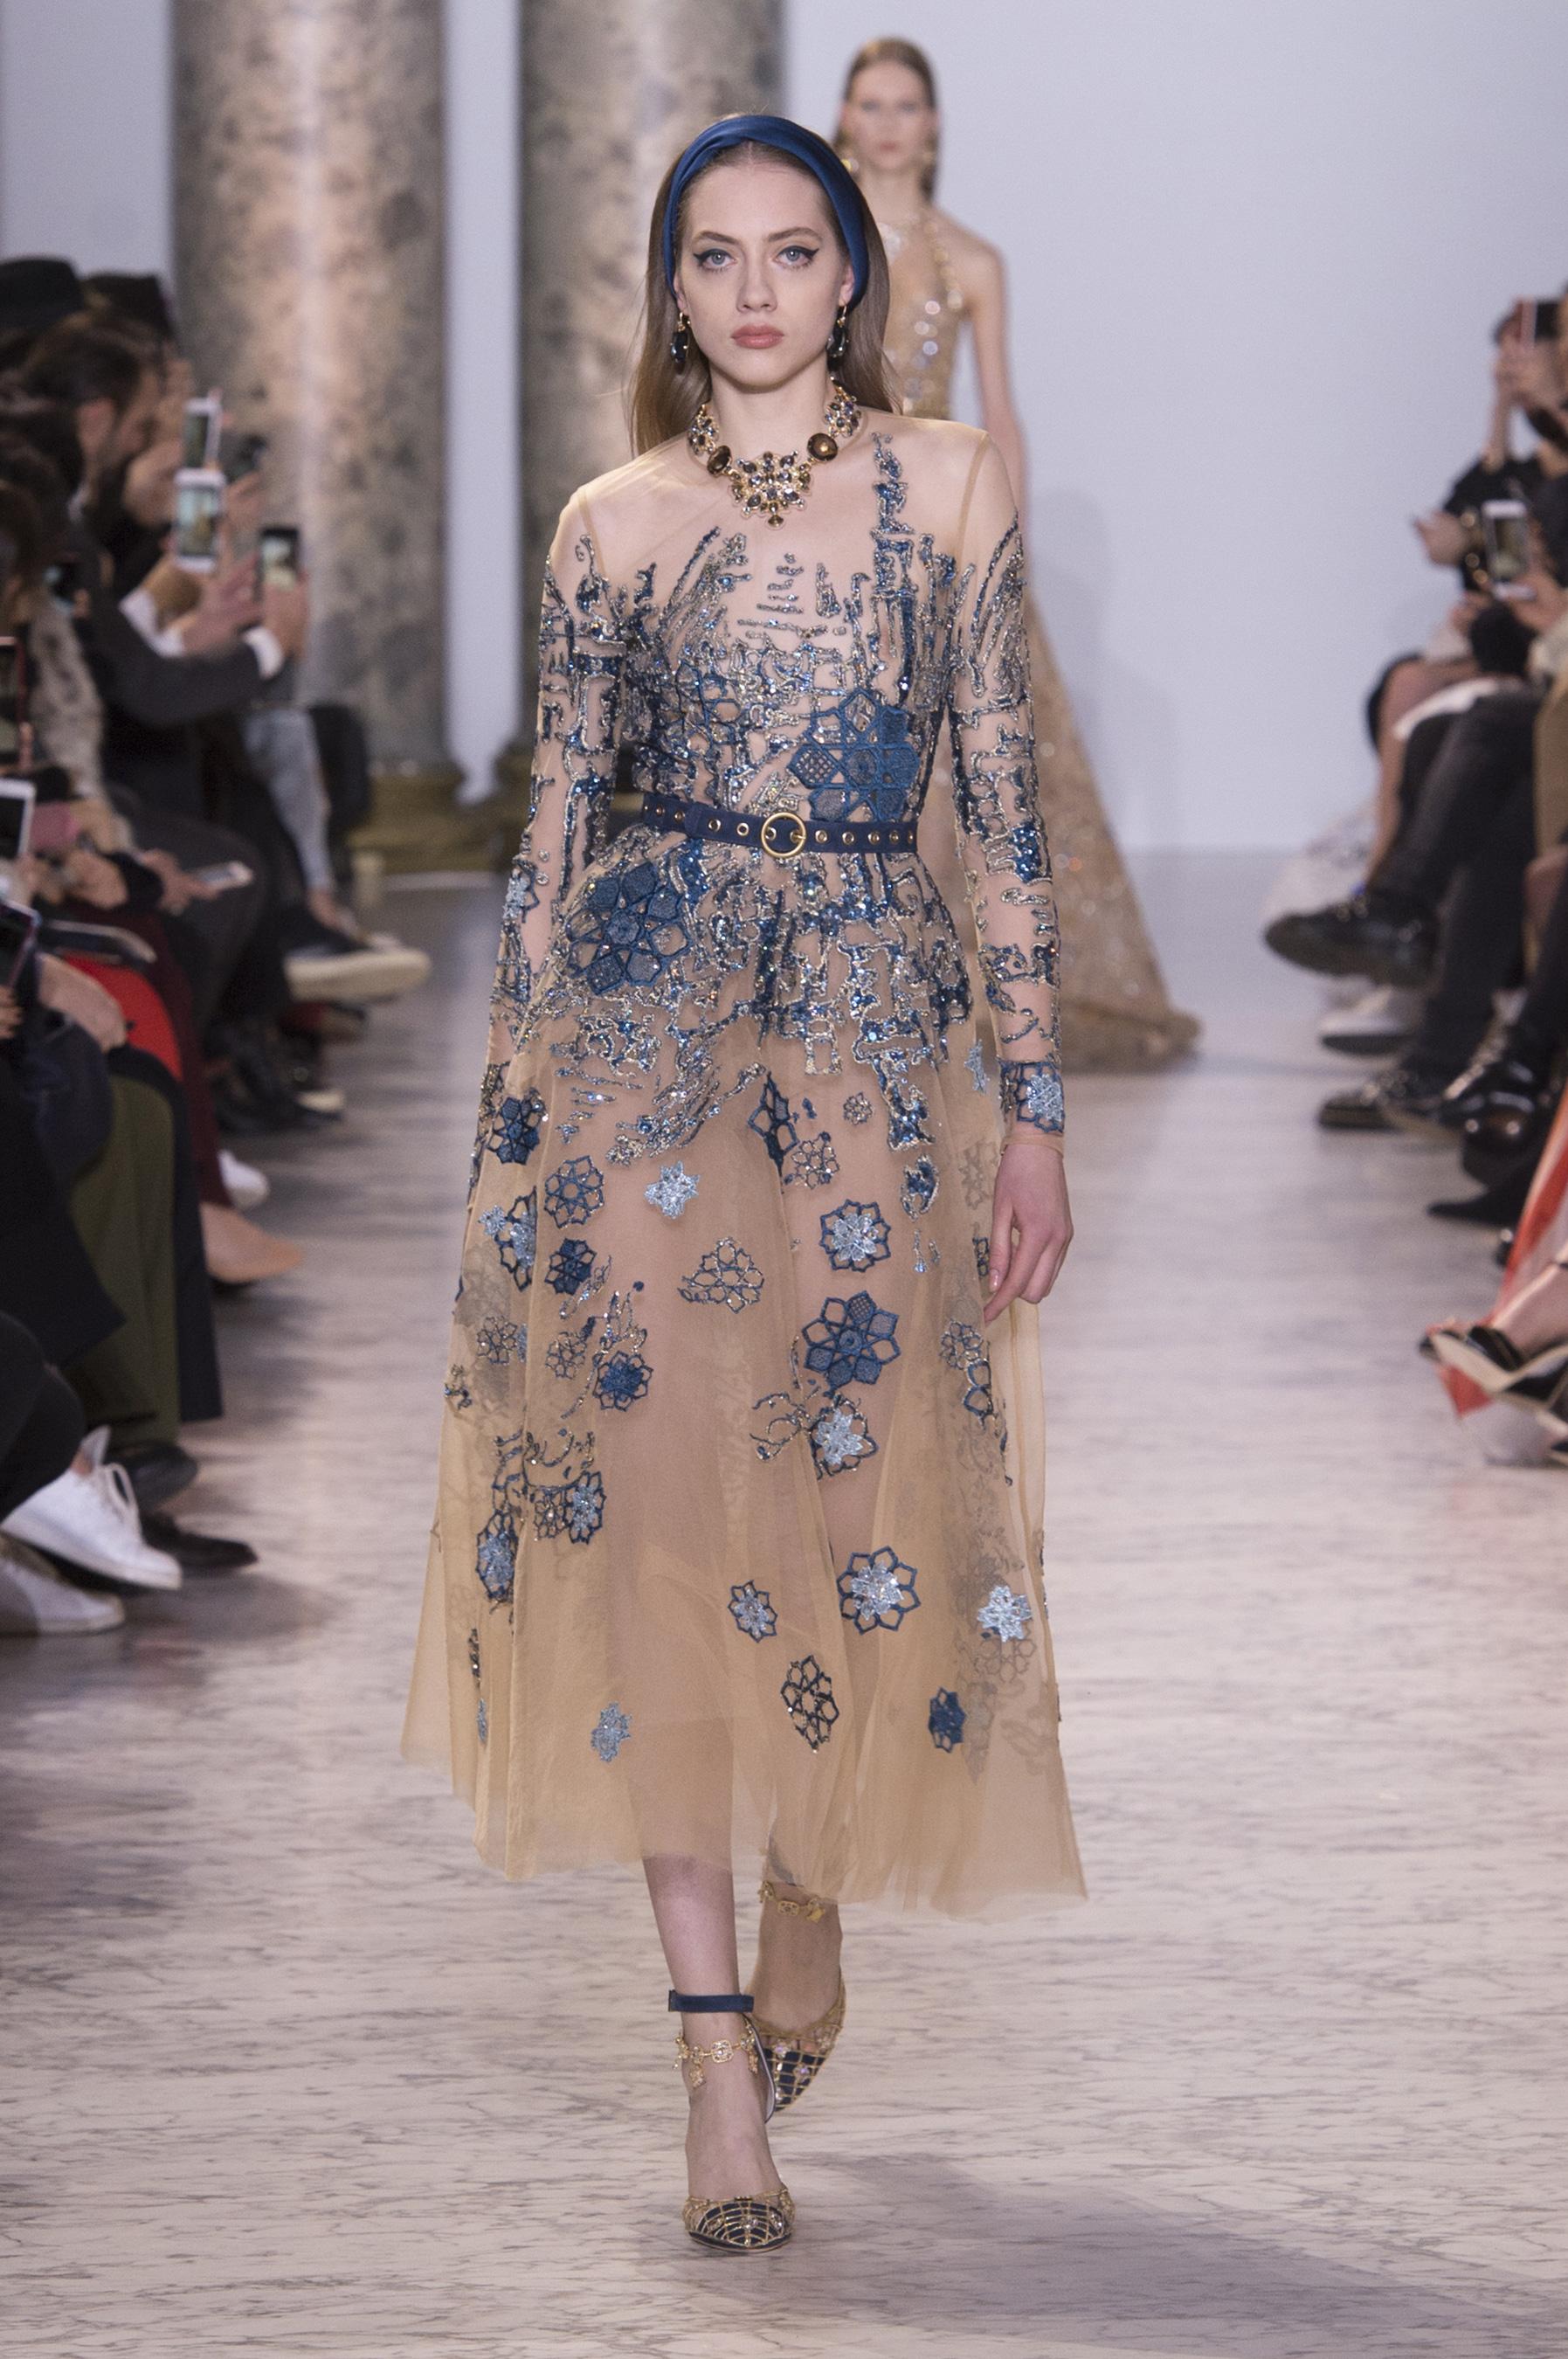 D fil elie saab haute couture printemps t 2017 paris for Haute couture and pret a porter